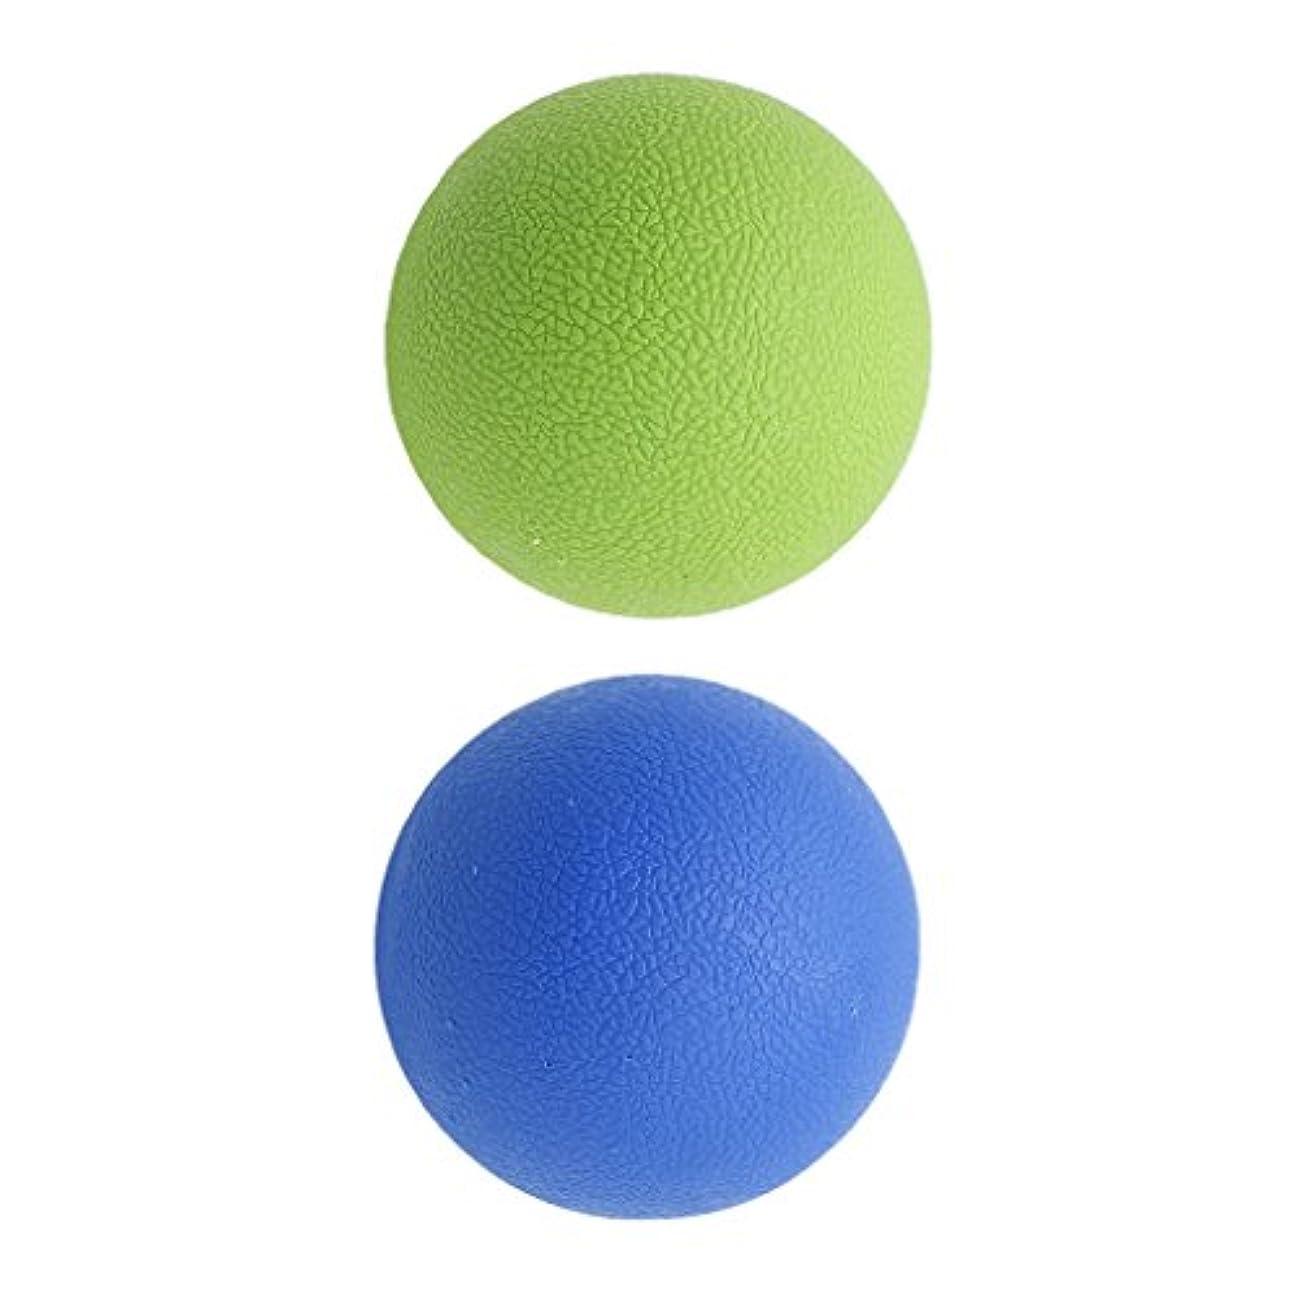 失われた共和国まだKesoto 2個 マッサージボール ラクロスボール 背部 トリガ ポイント マッサージ 多色選べる - ブルーグリーン